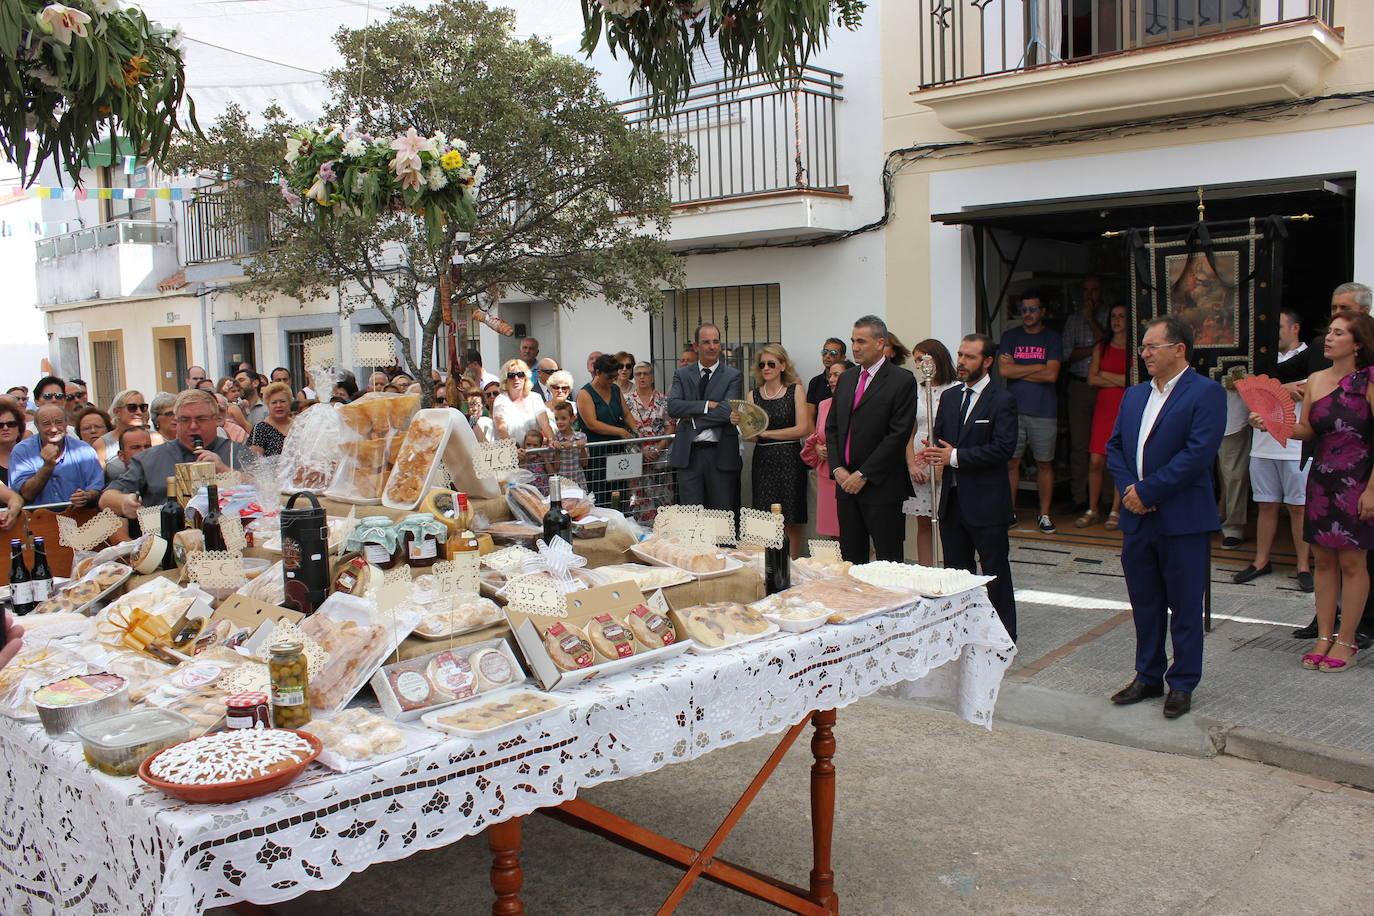 Casar de Cáceres insiste para que sus fiestas del Ramo sean declaradas de Interés Turístico Regional